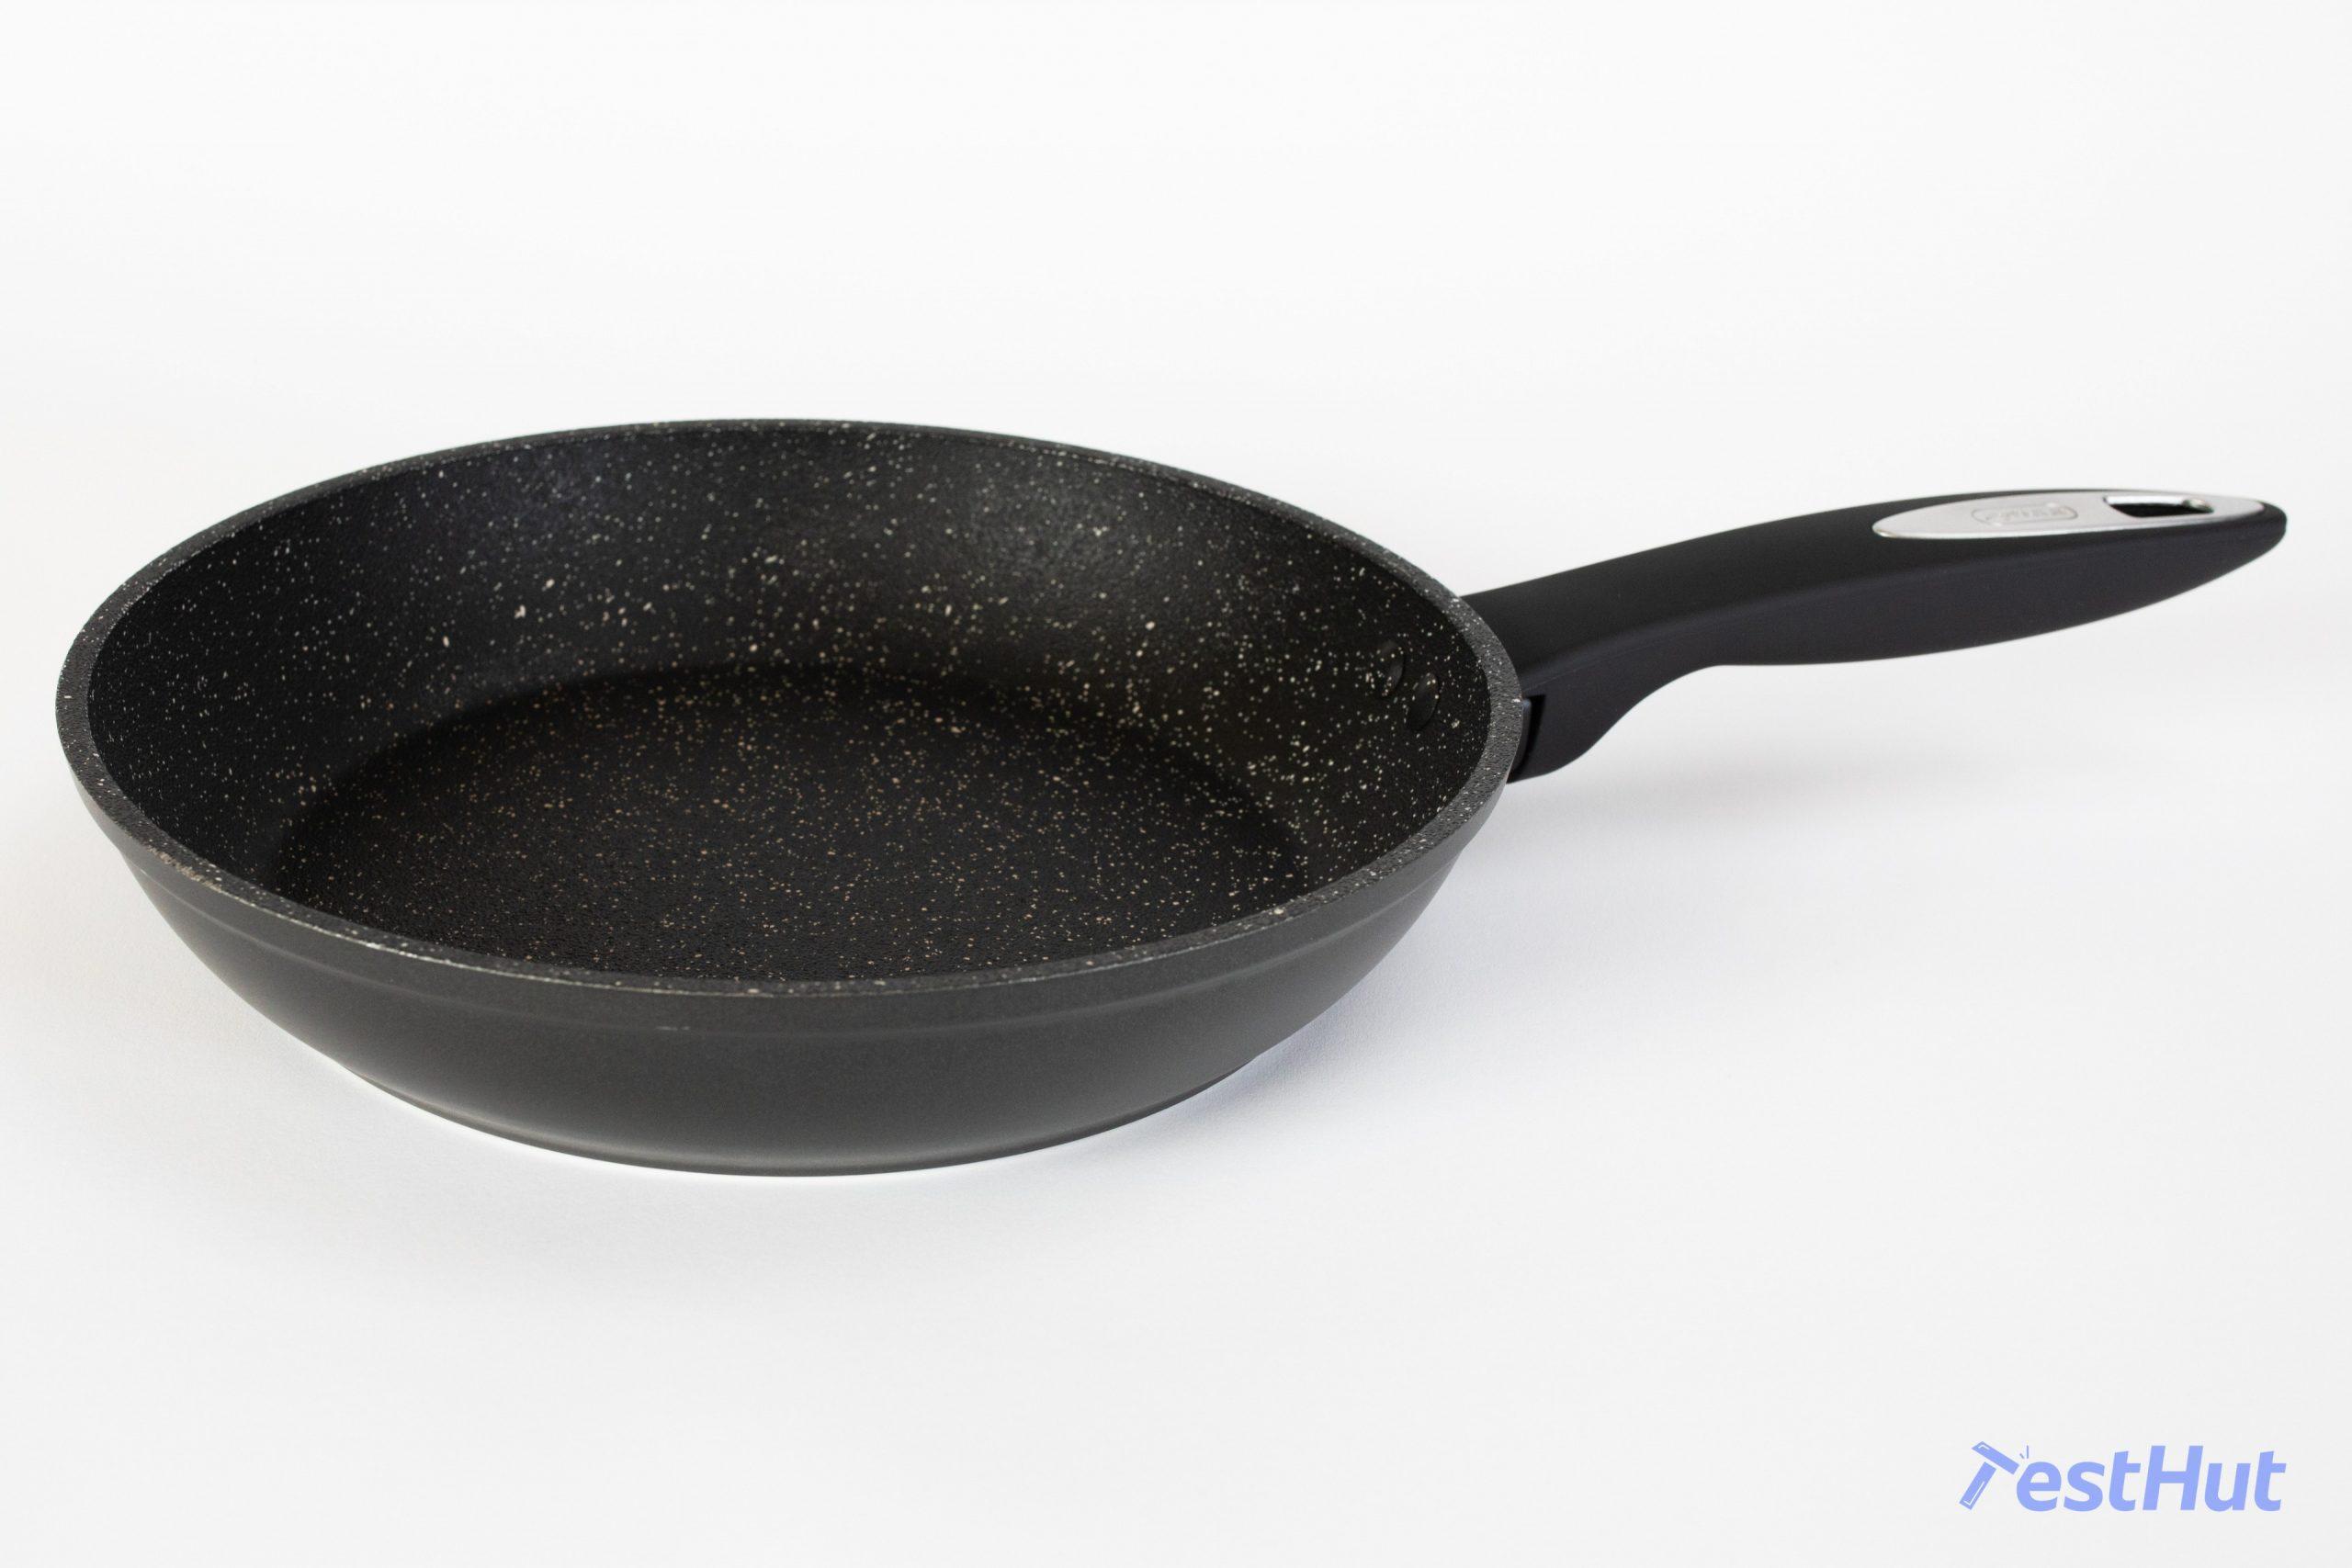 Frying Pan Zyliss Cook Nonstick TestHut